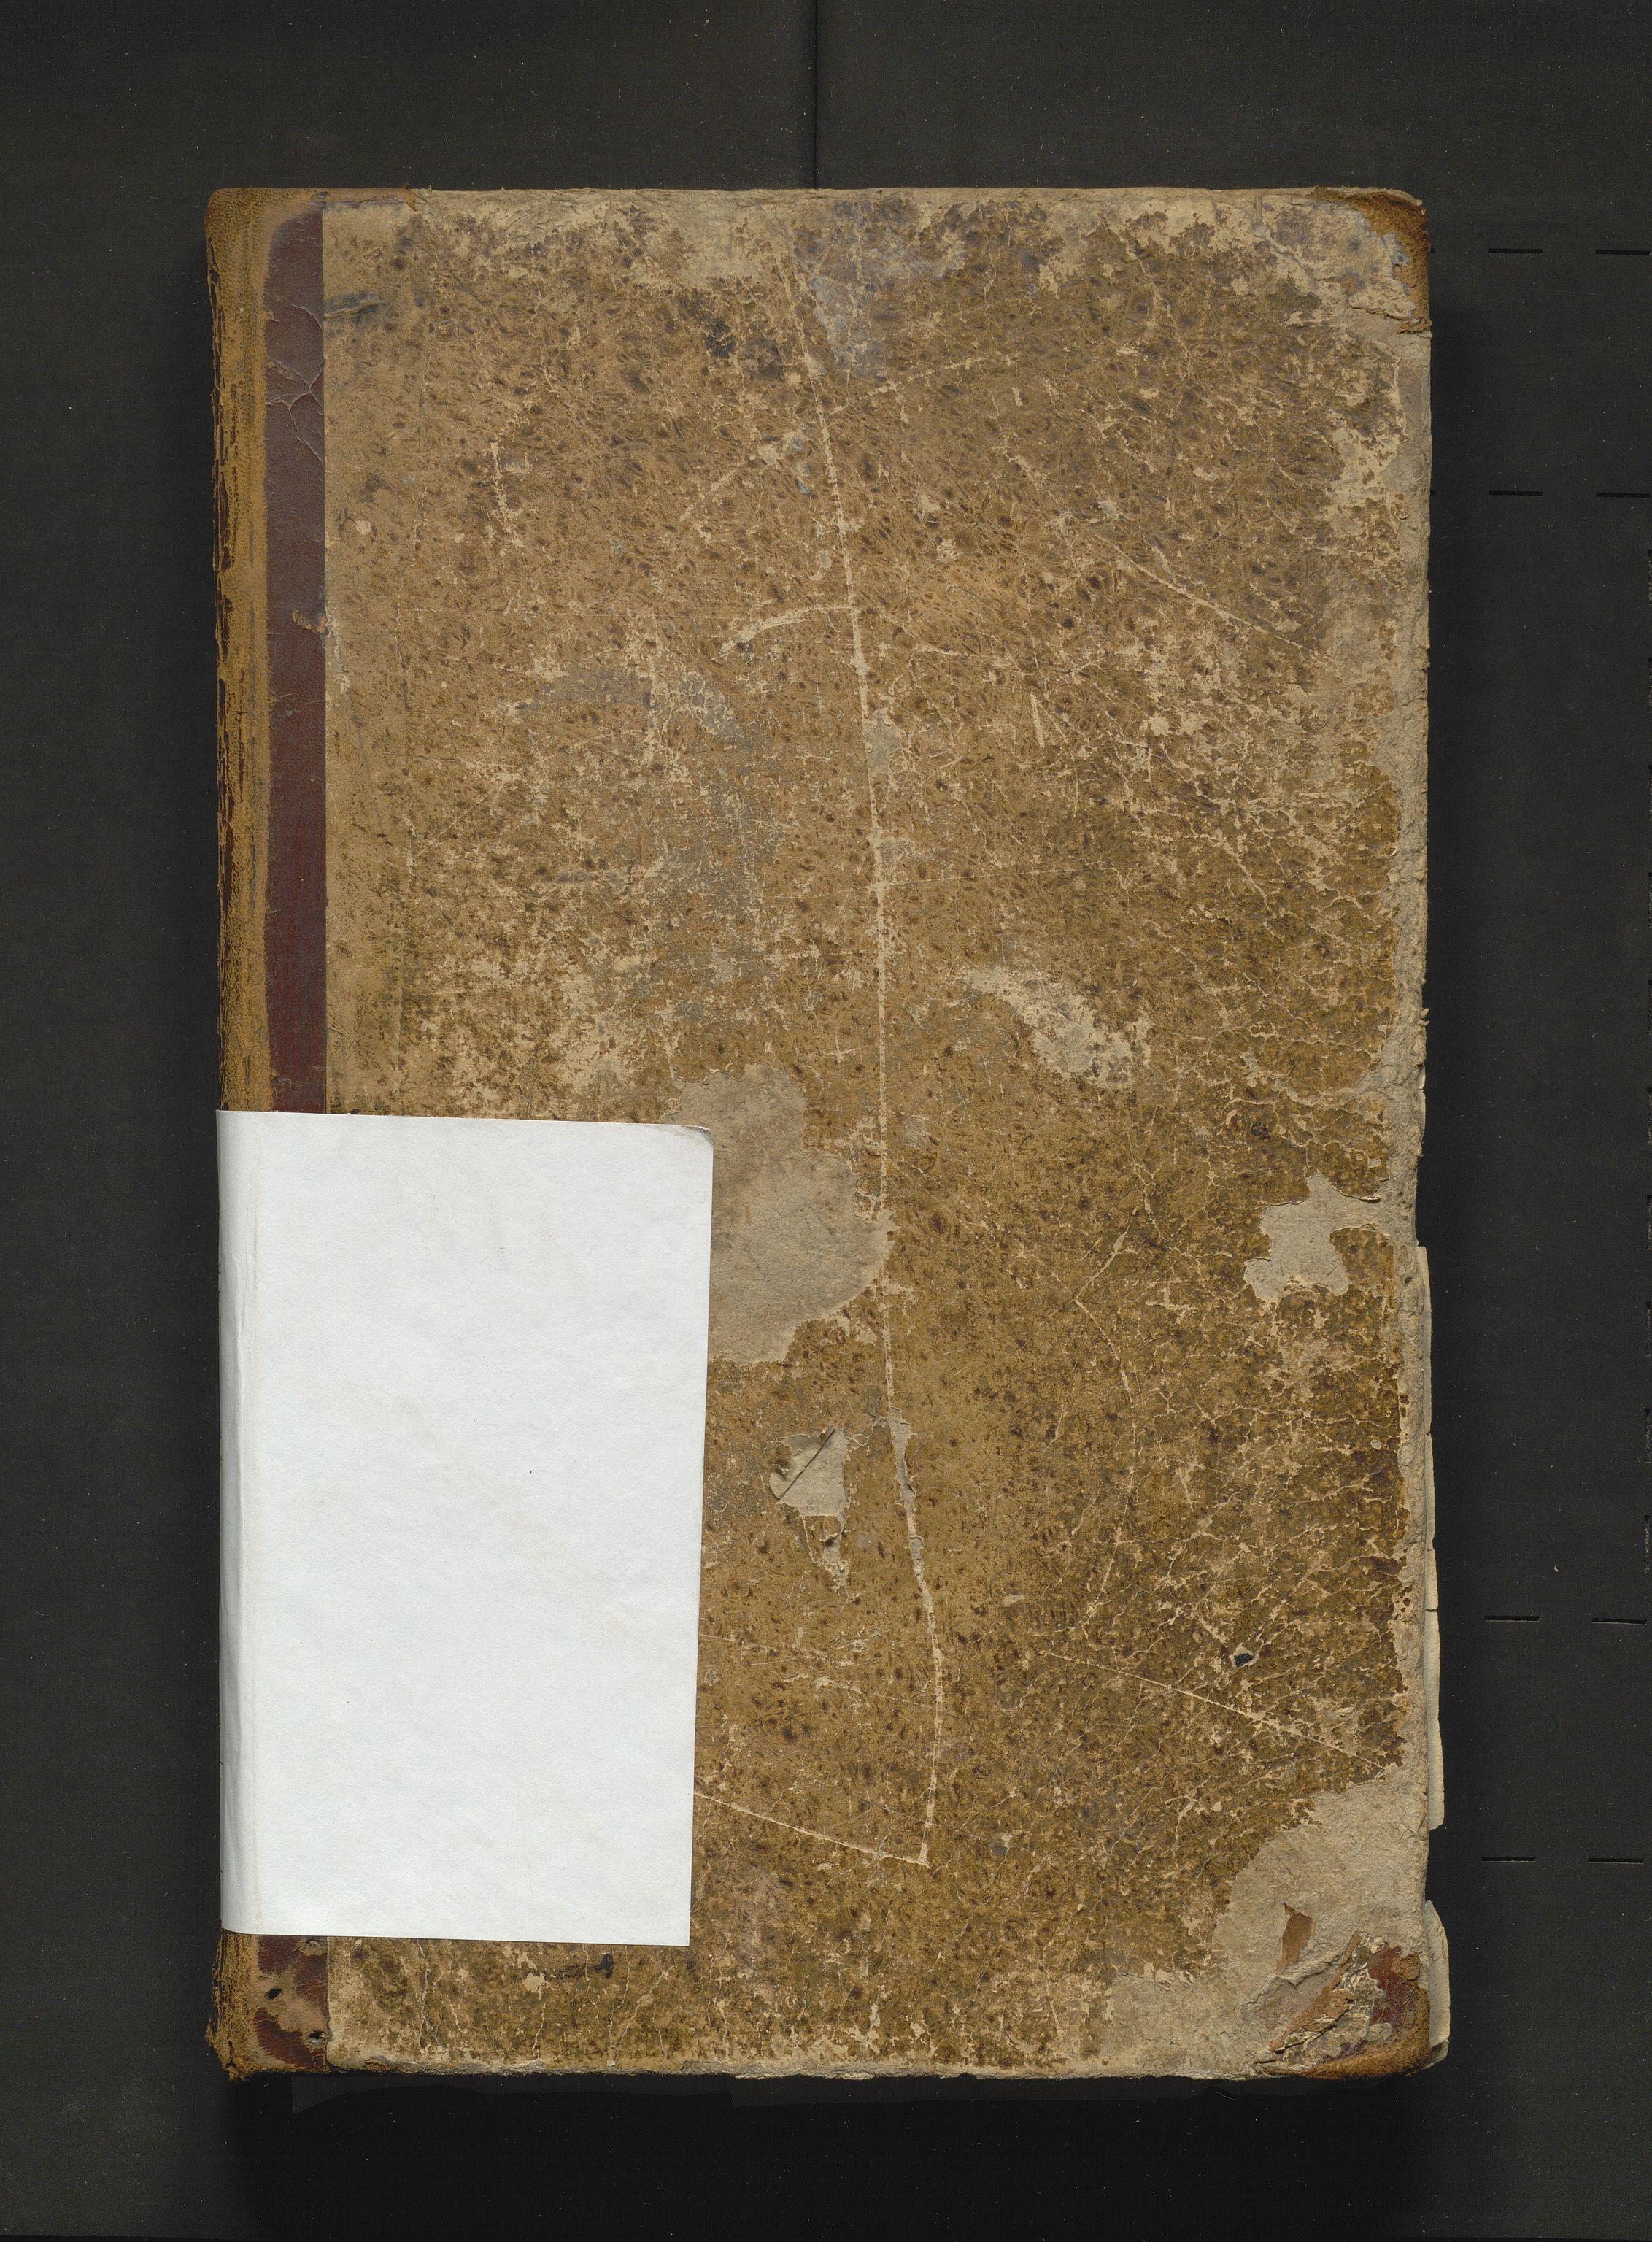 IKAH, Strandebarm kommune. Fattigstyret, A/Aa/L0001: Møtebok for Strandebarm fattigkommisjon, 1846-1901